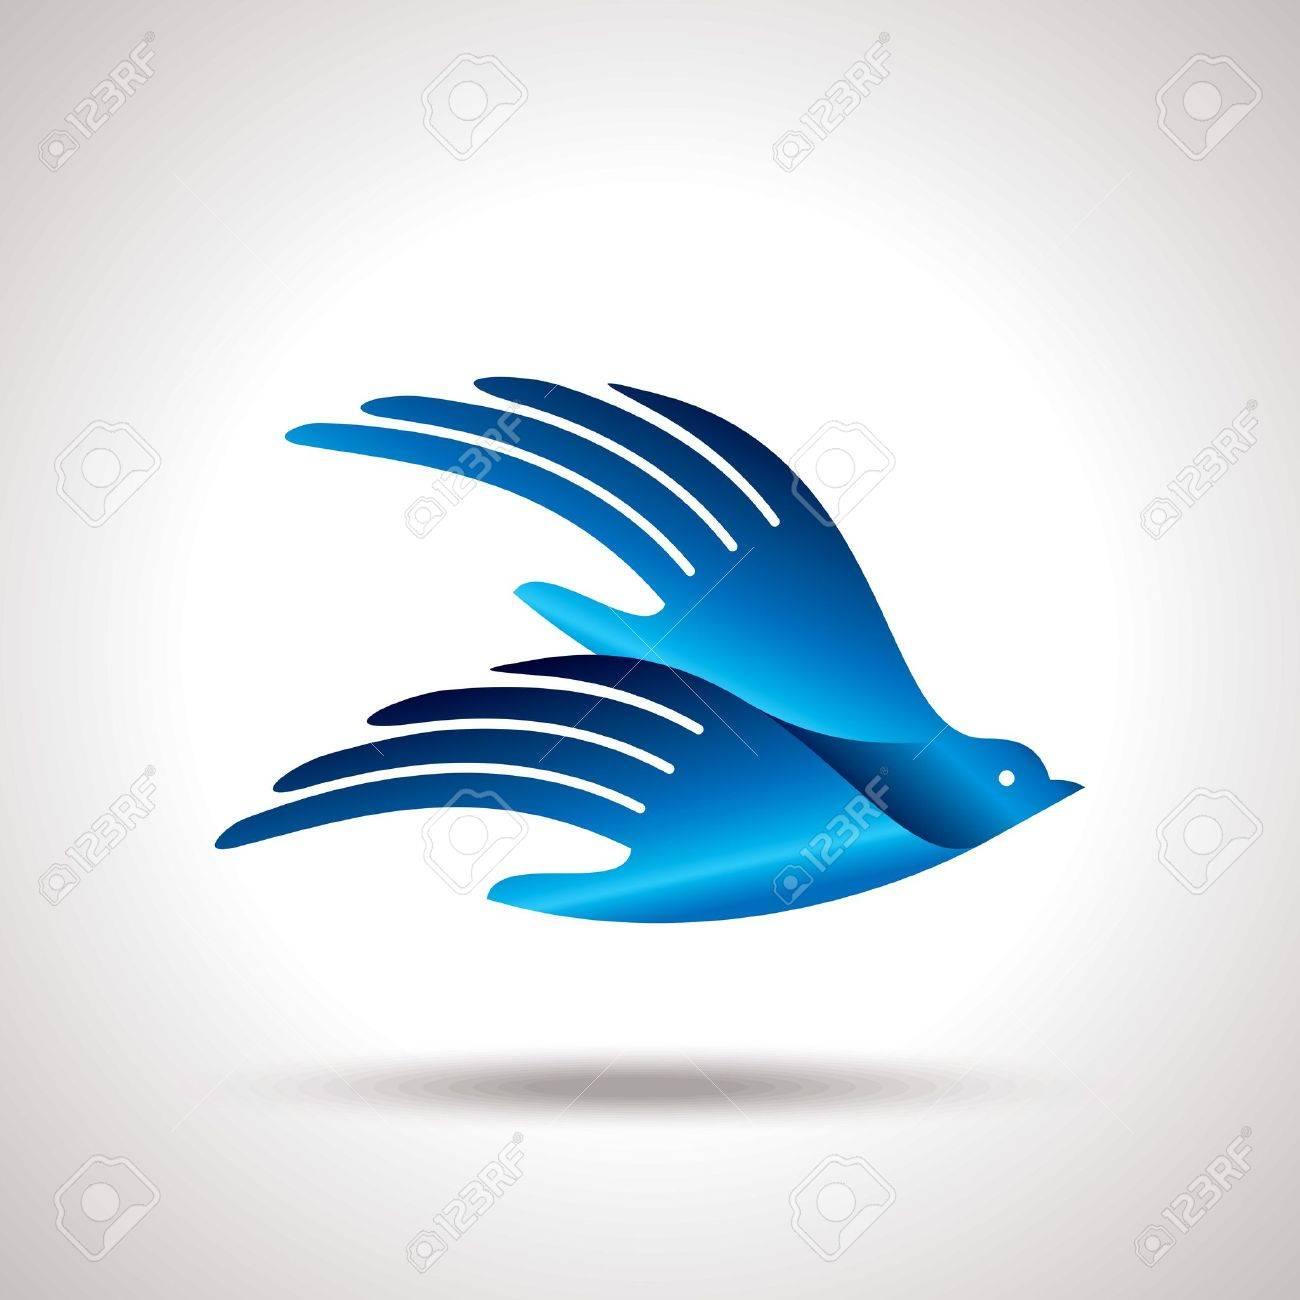 fly of bird to hand creative idea - 20881395